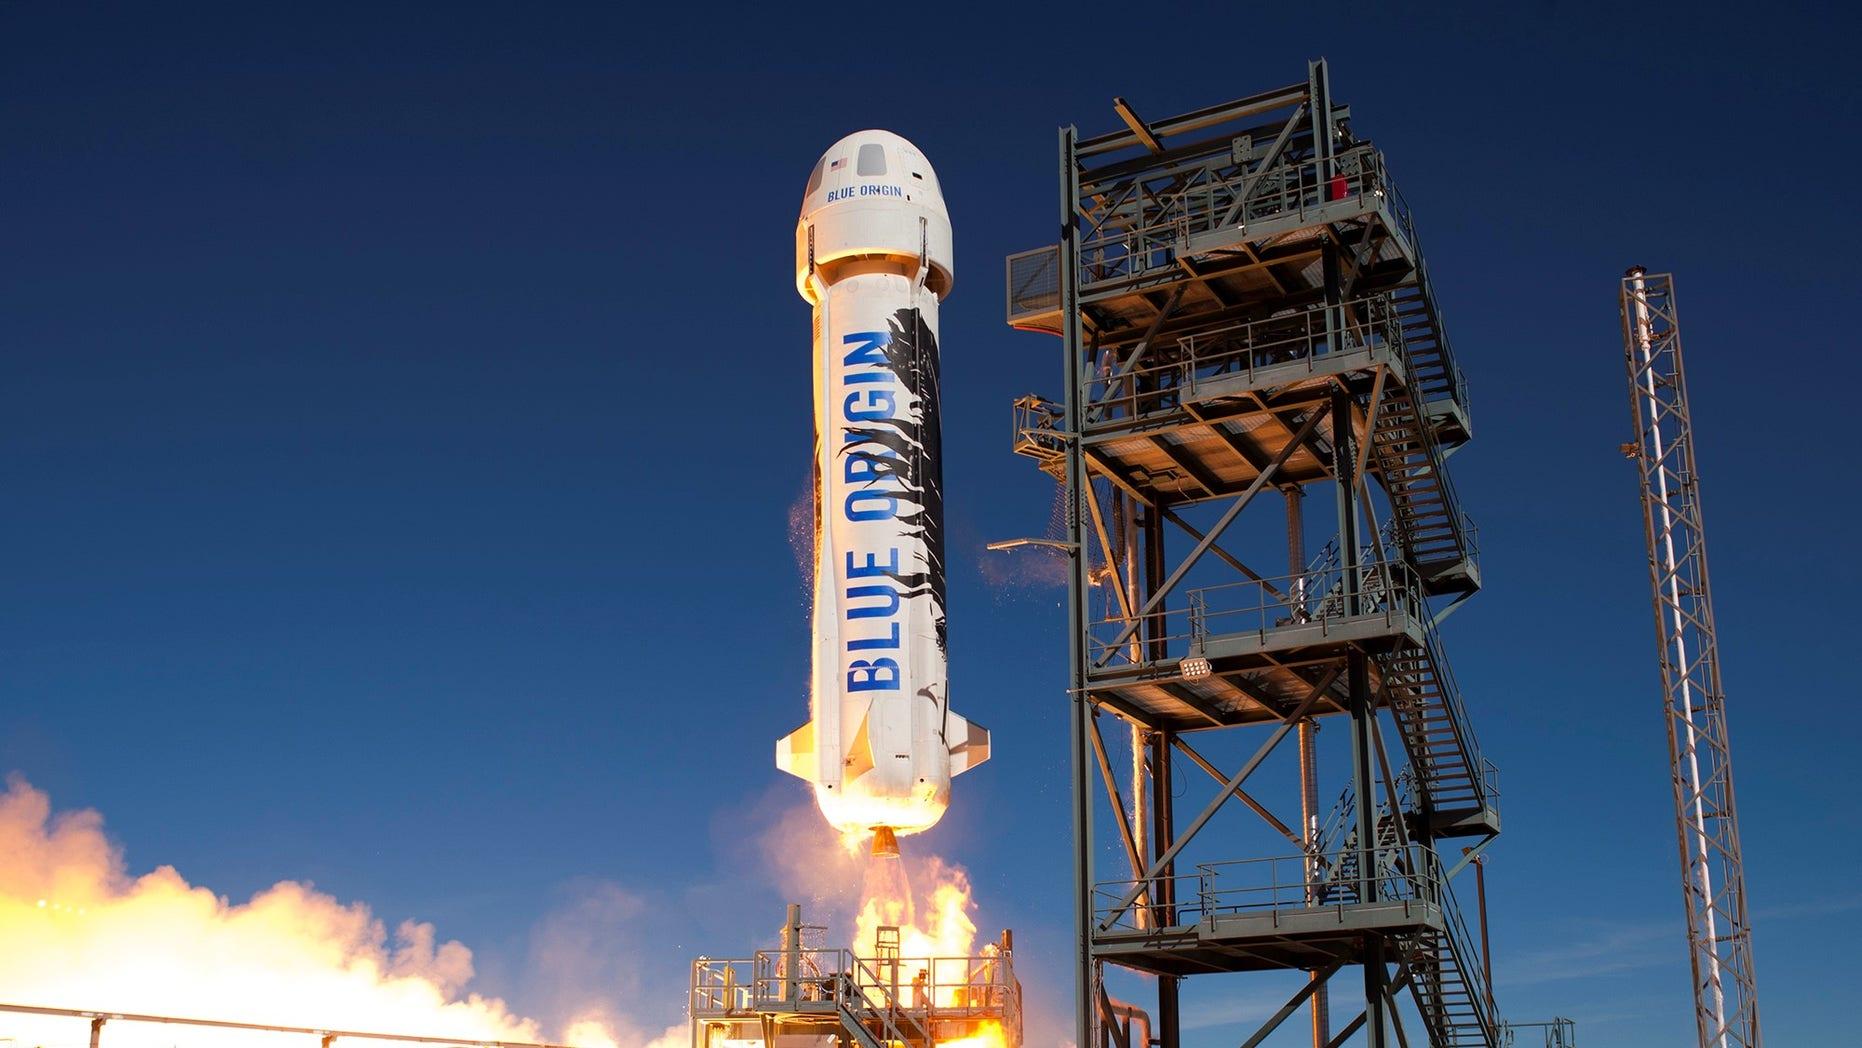 File photo (Blue Origin)